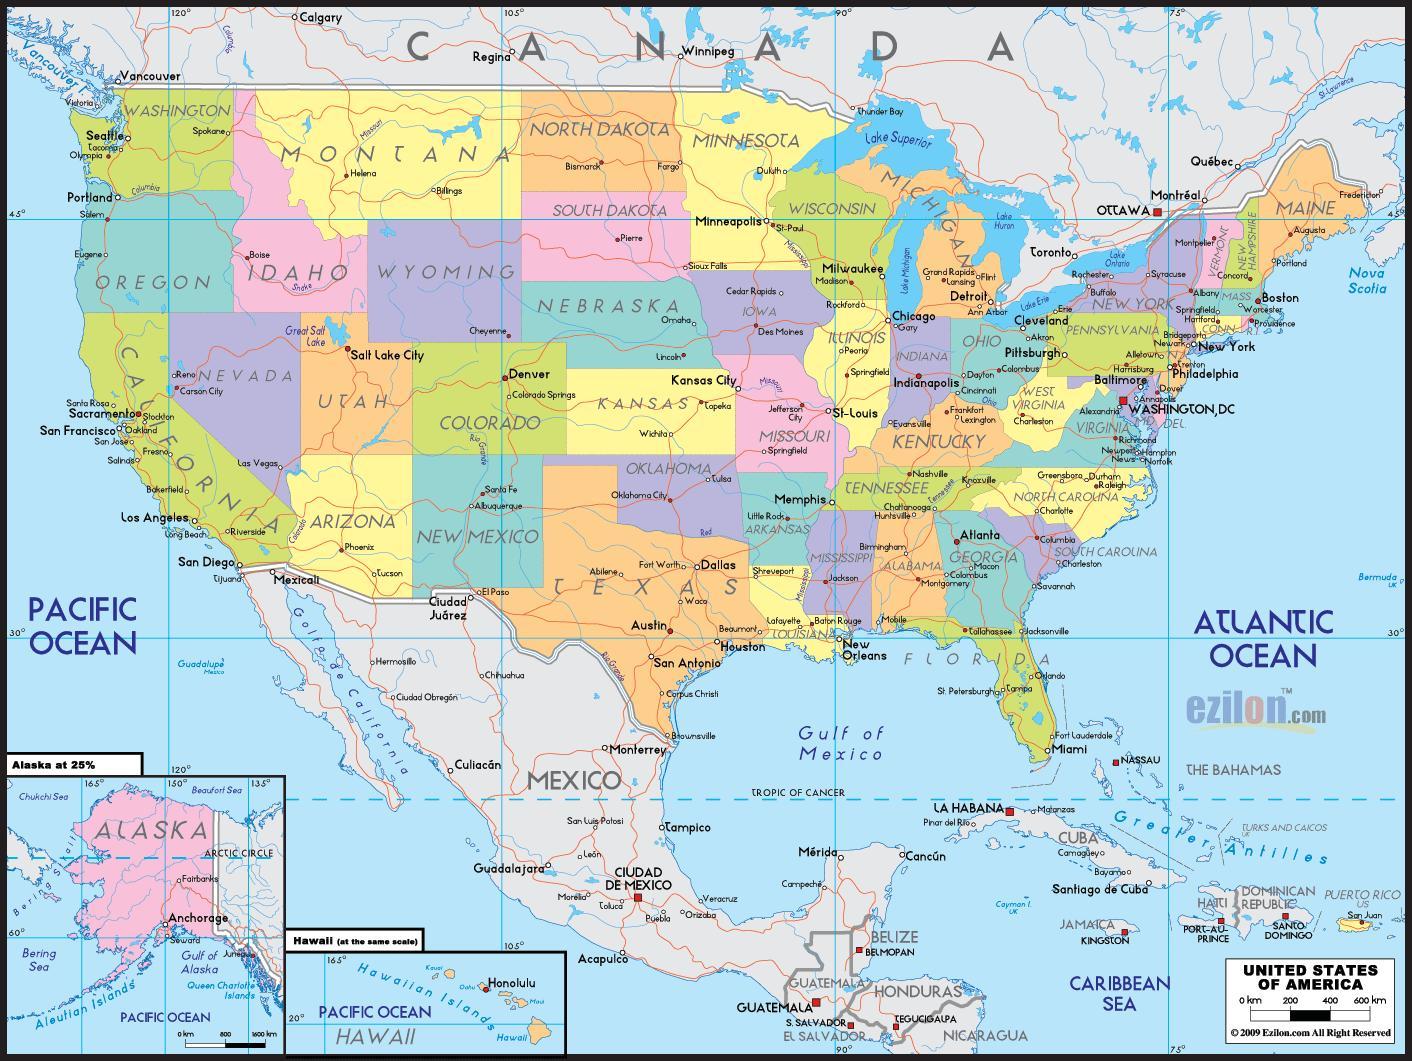 الولايات المتحدة الأمريكية على الخريطة خريطة Os الولايات المتحدة